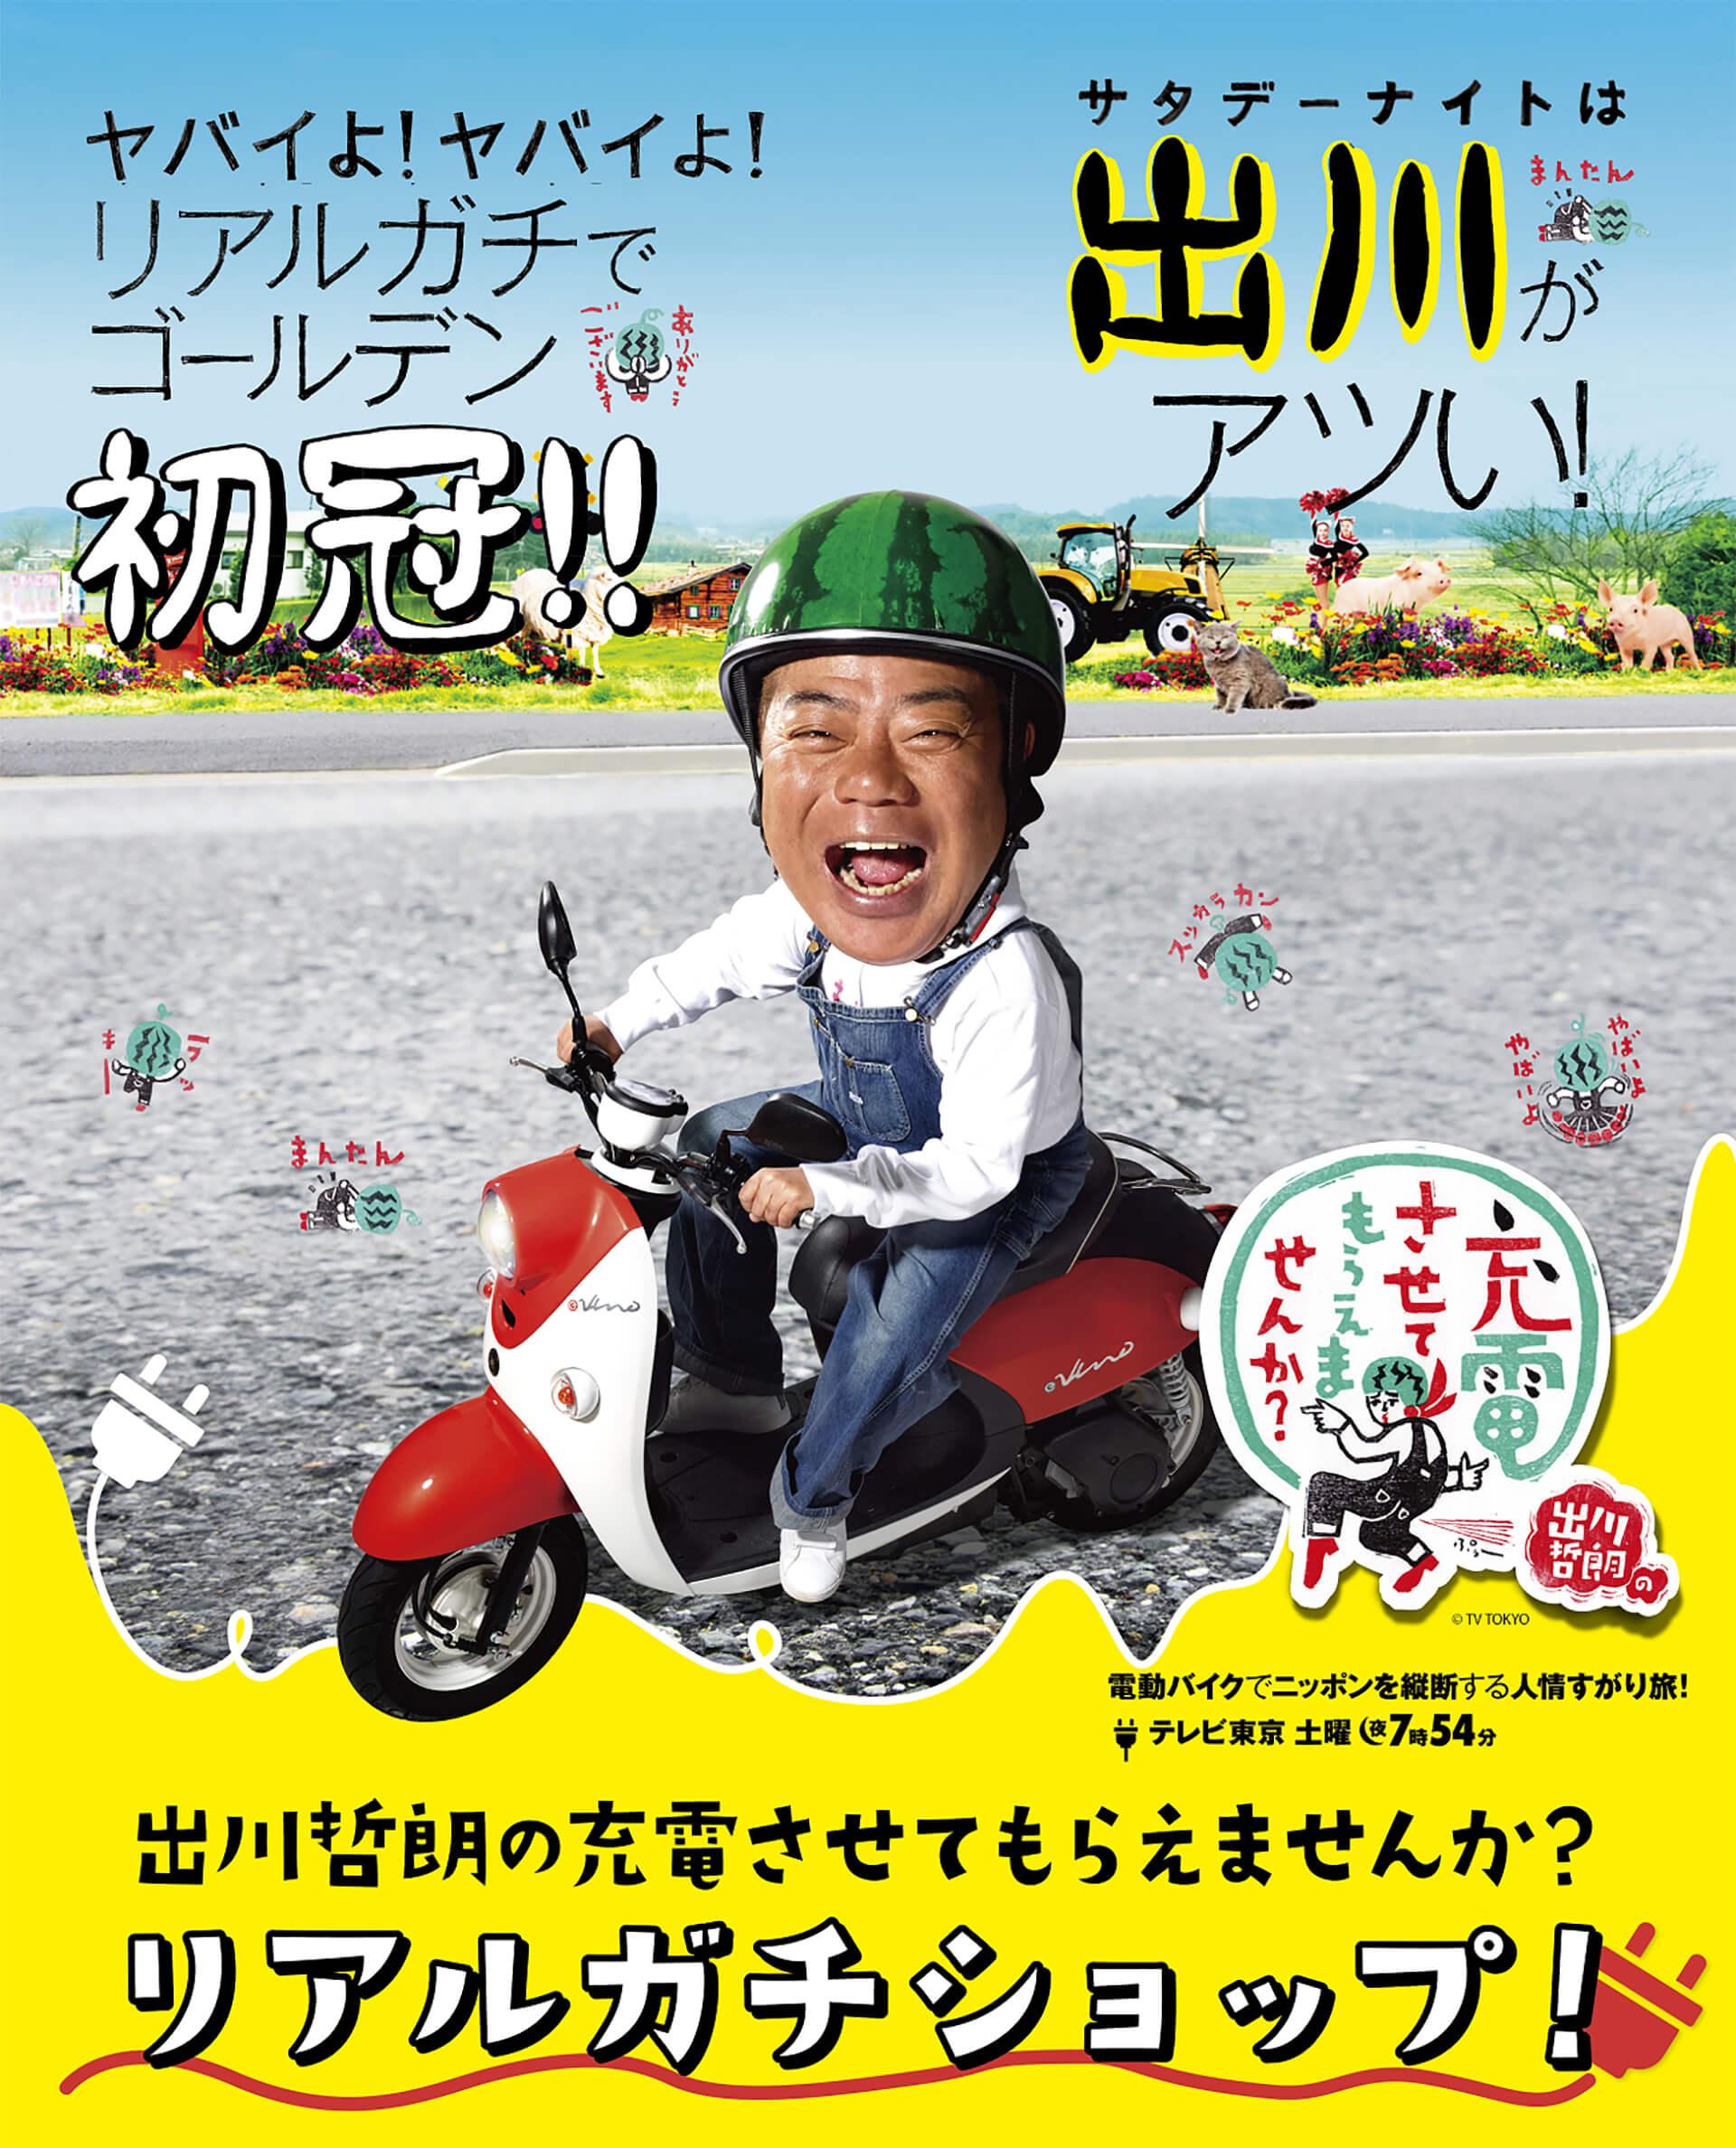 この写真は出川哲朗の充電させてもらえませんか?のリアルショップのメインビジュアル。出川がバイクに乗っている写真です